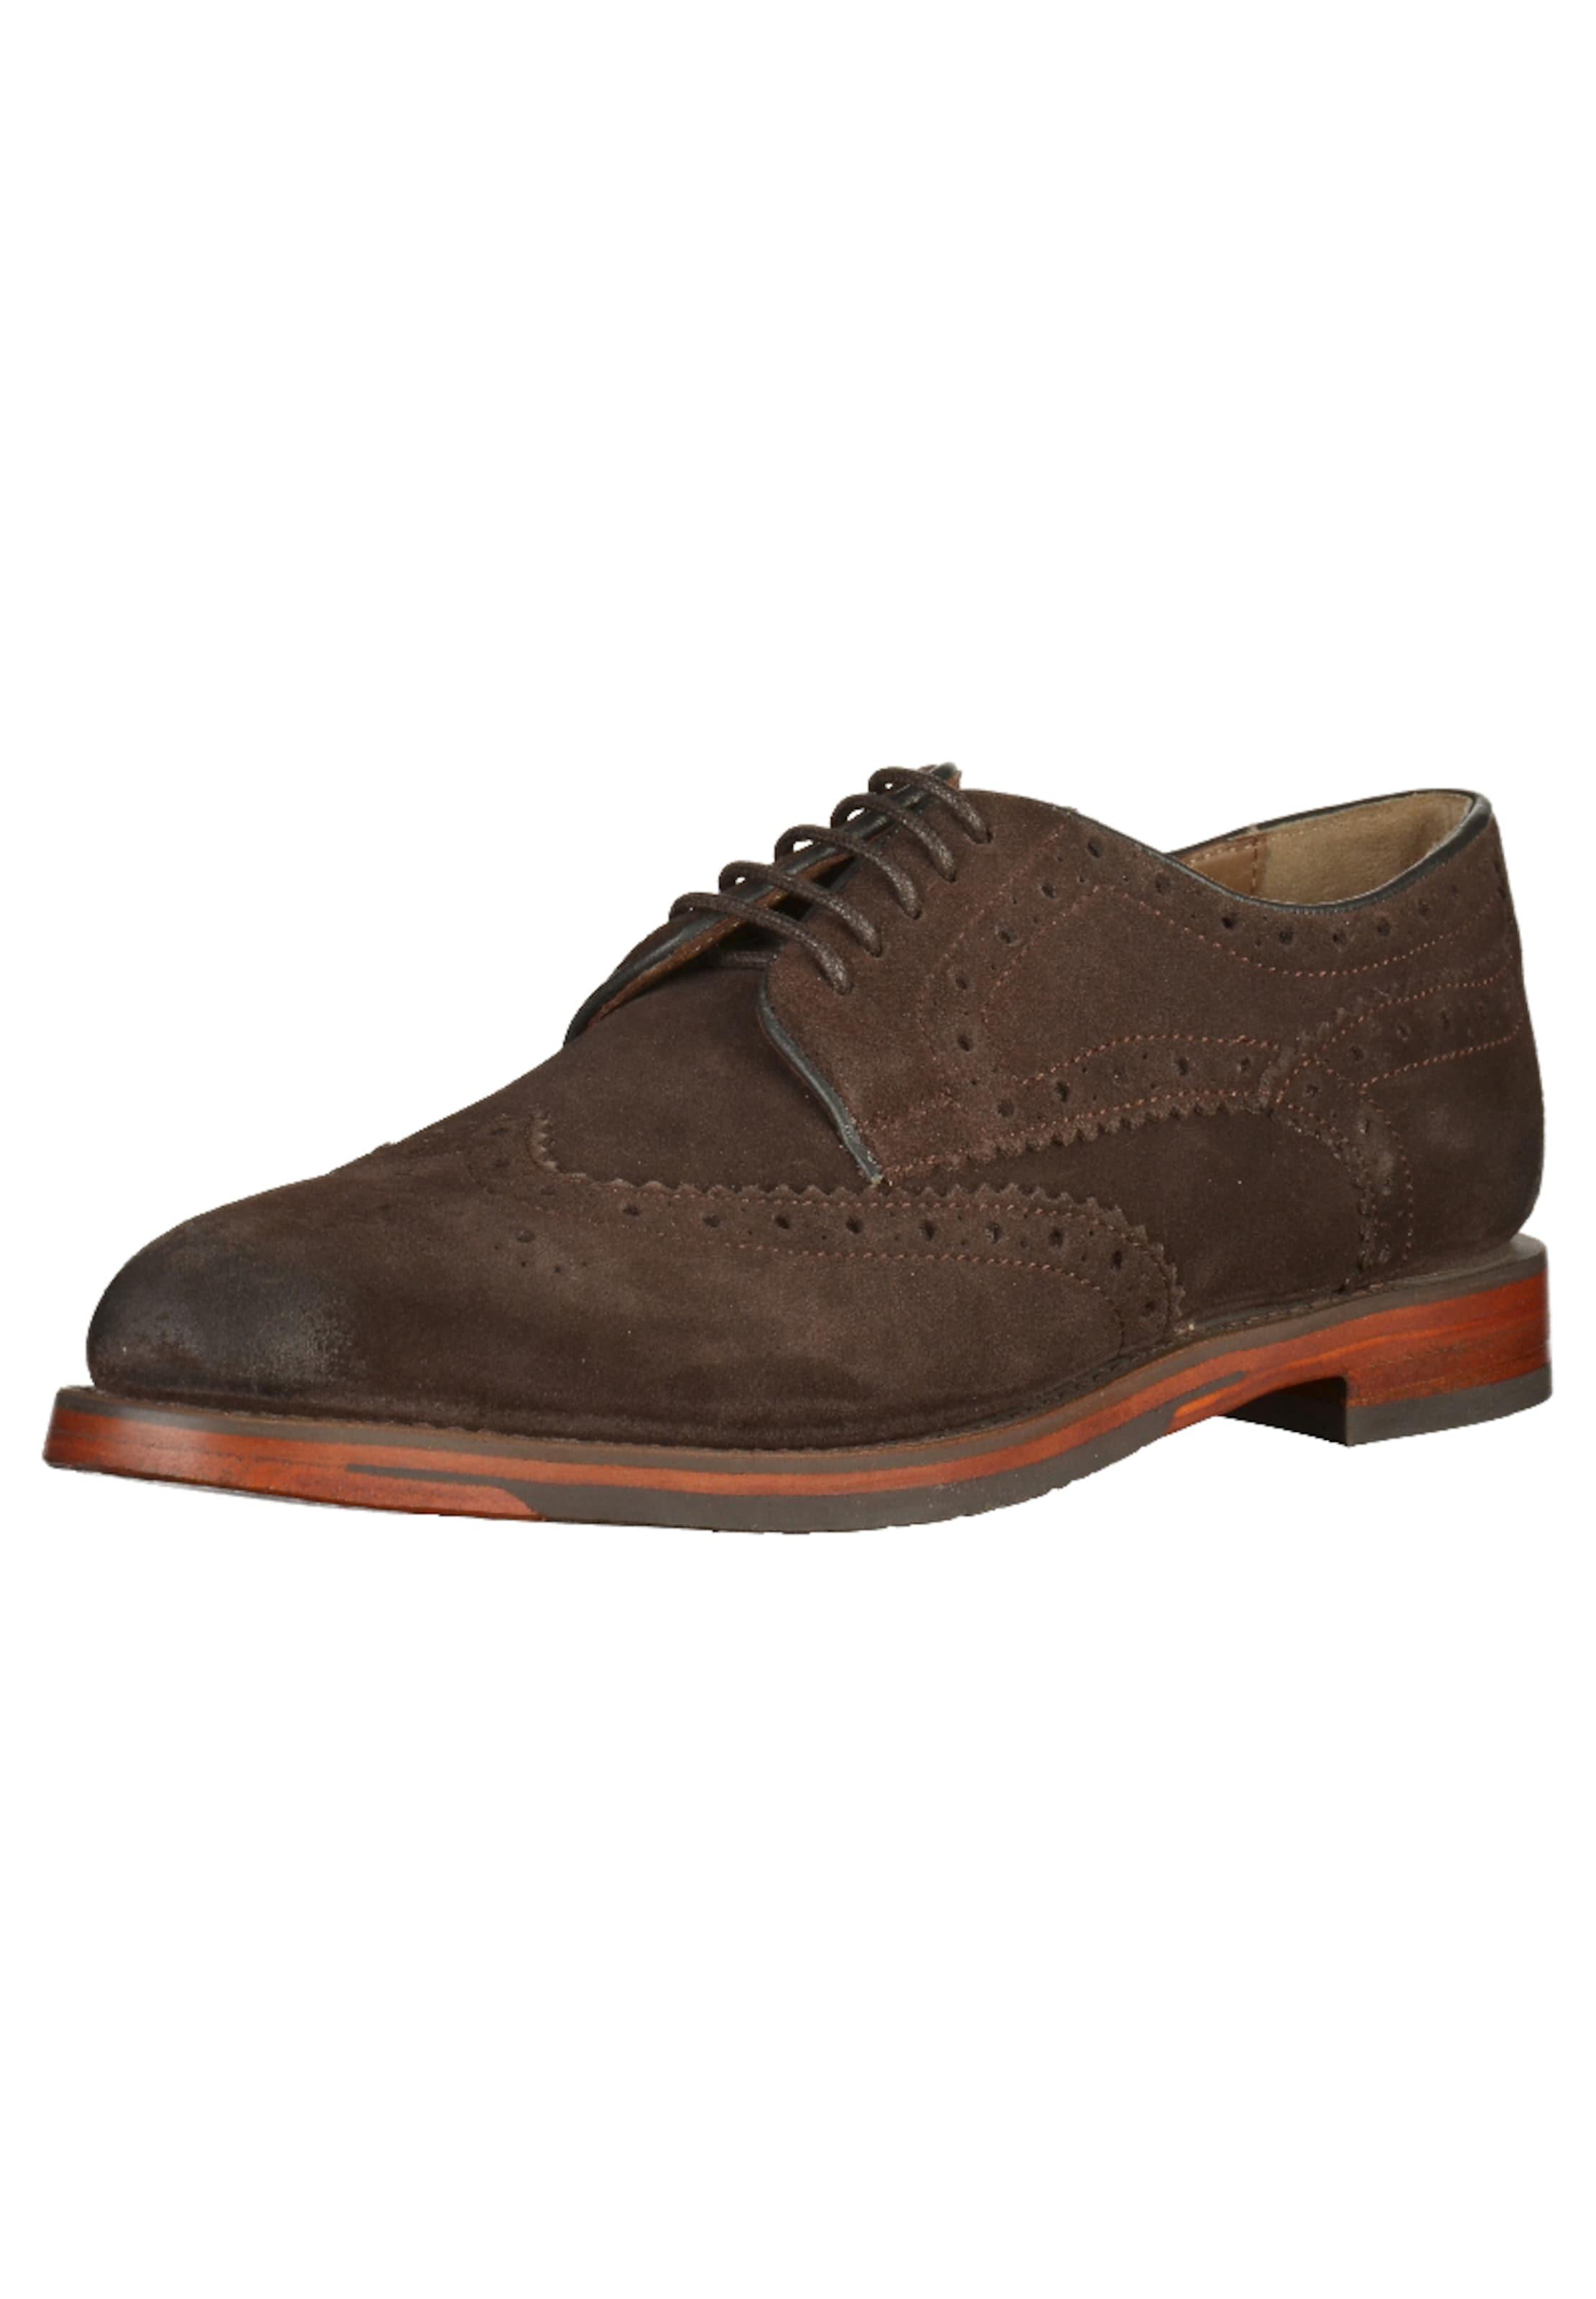 Gordon & Bros Halbschuhe Verschleißfeste billige Schuhe